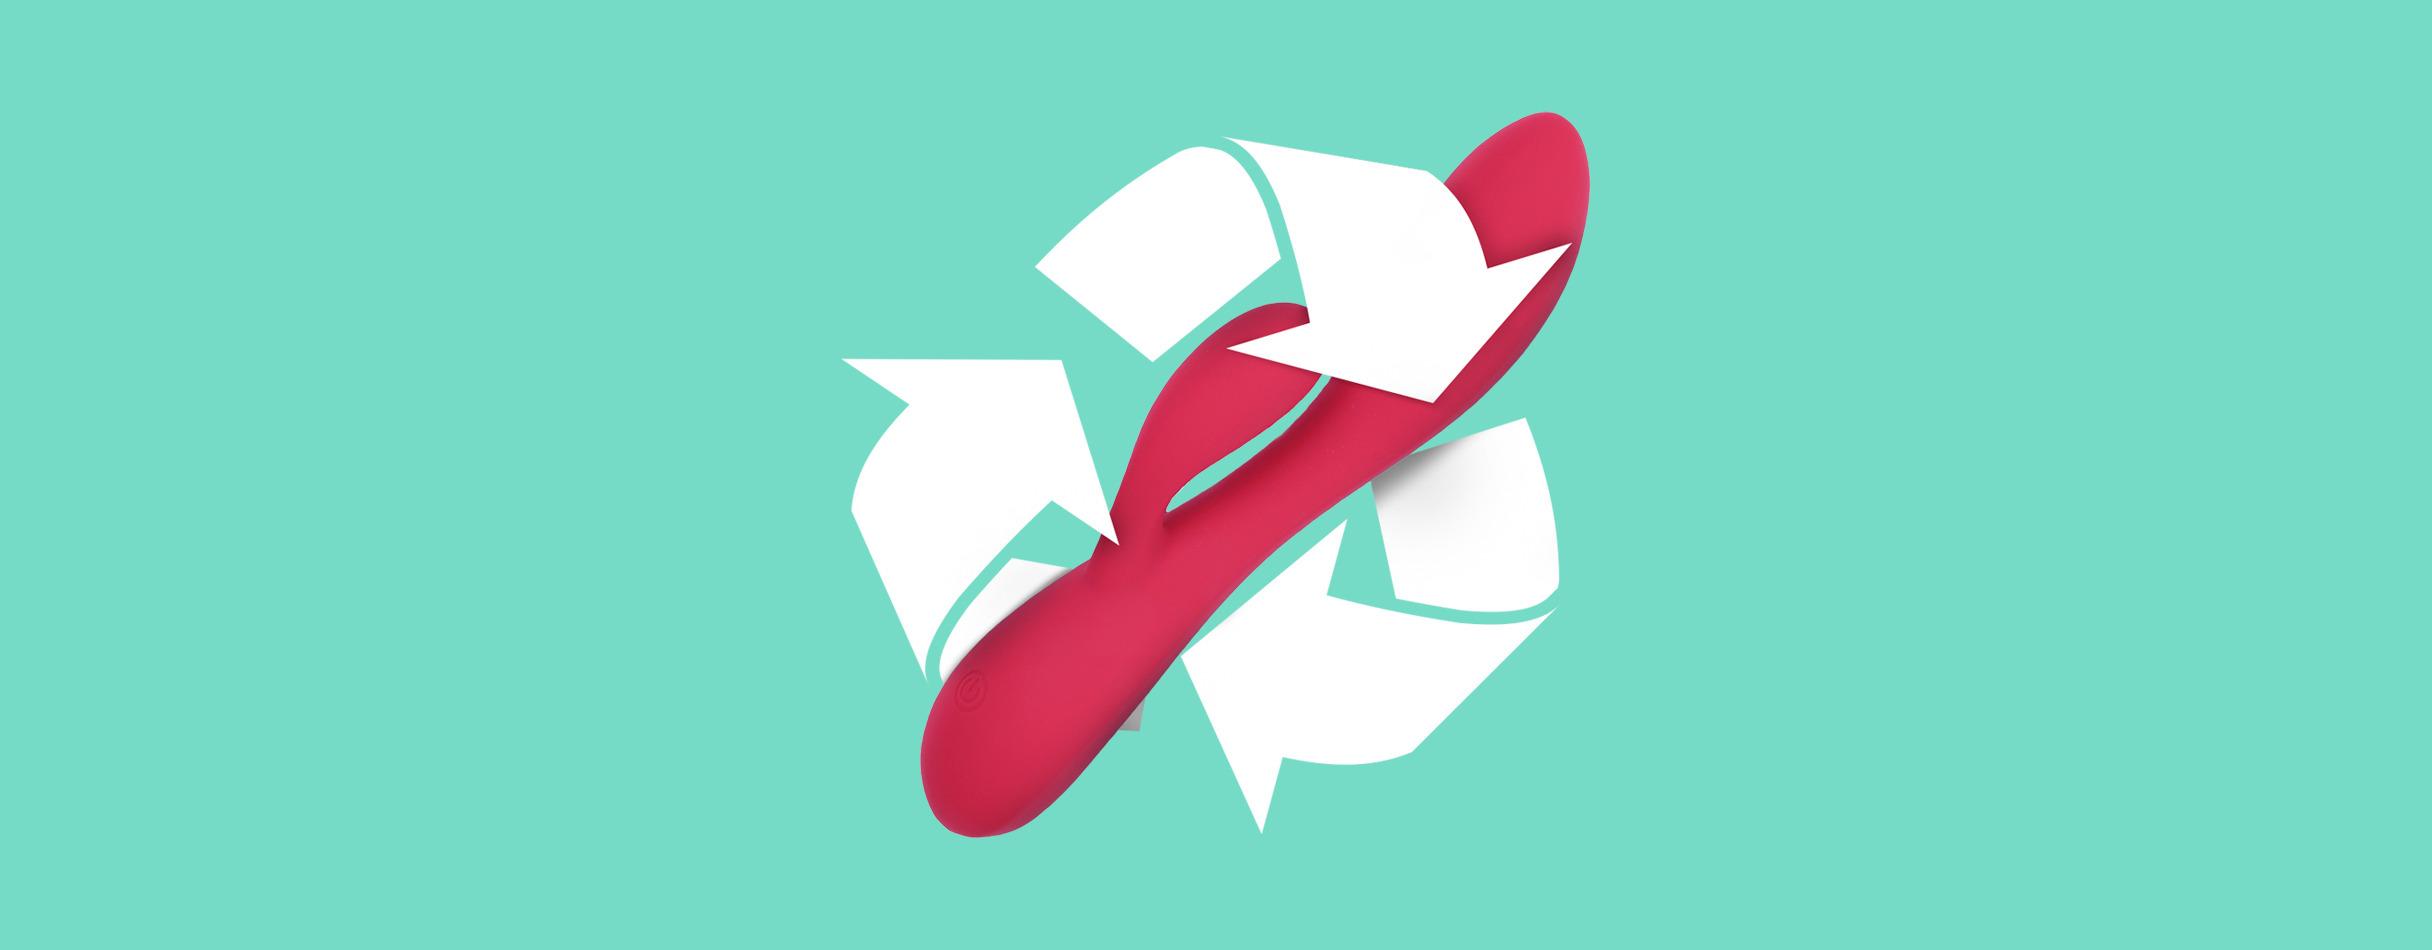 Plan Renove | Recicla y renueva tu juguete erótico